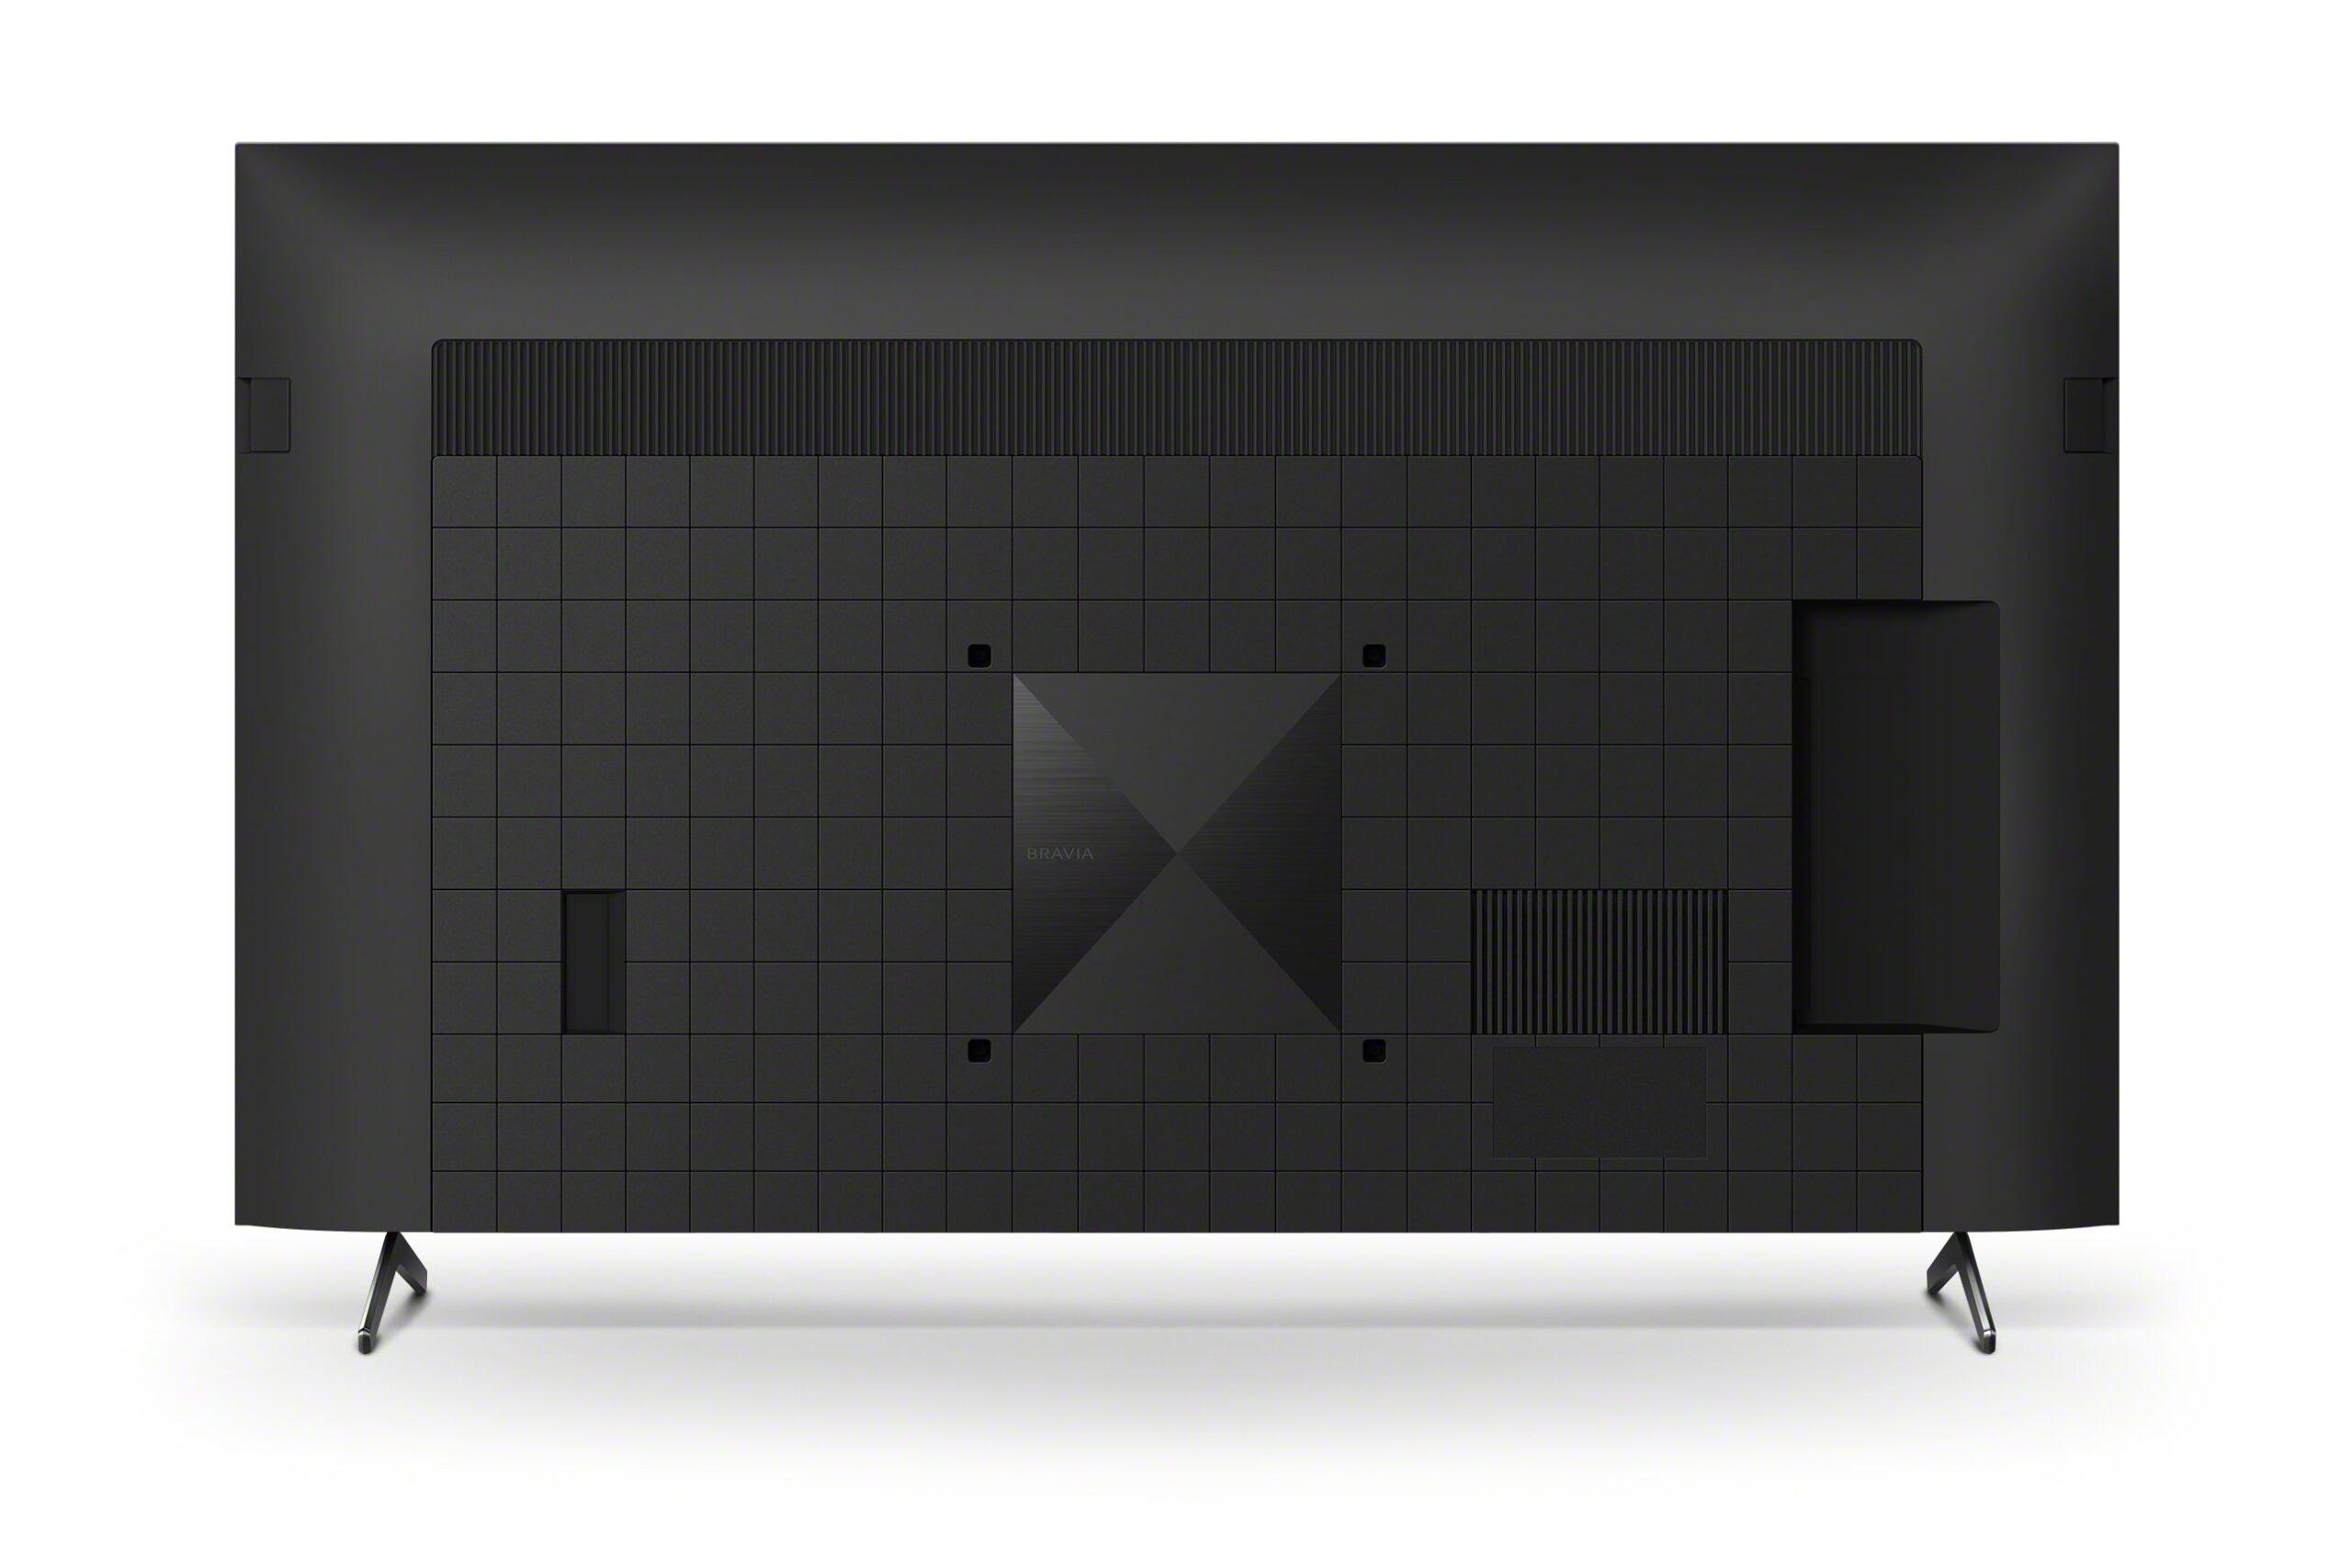 Bravia Full Array LED 4K HDR 04